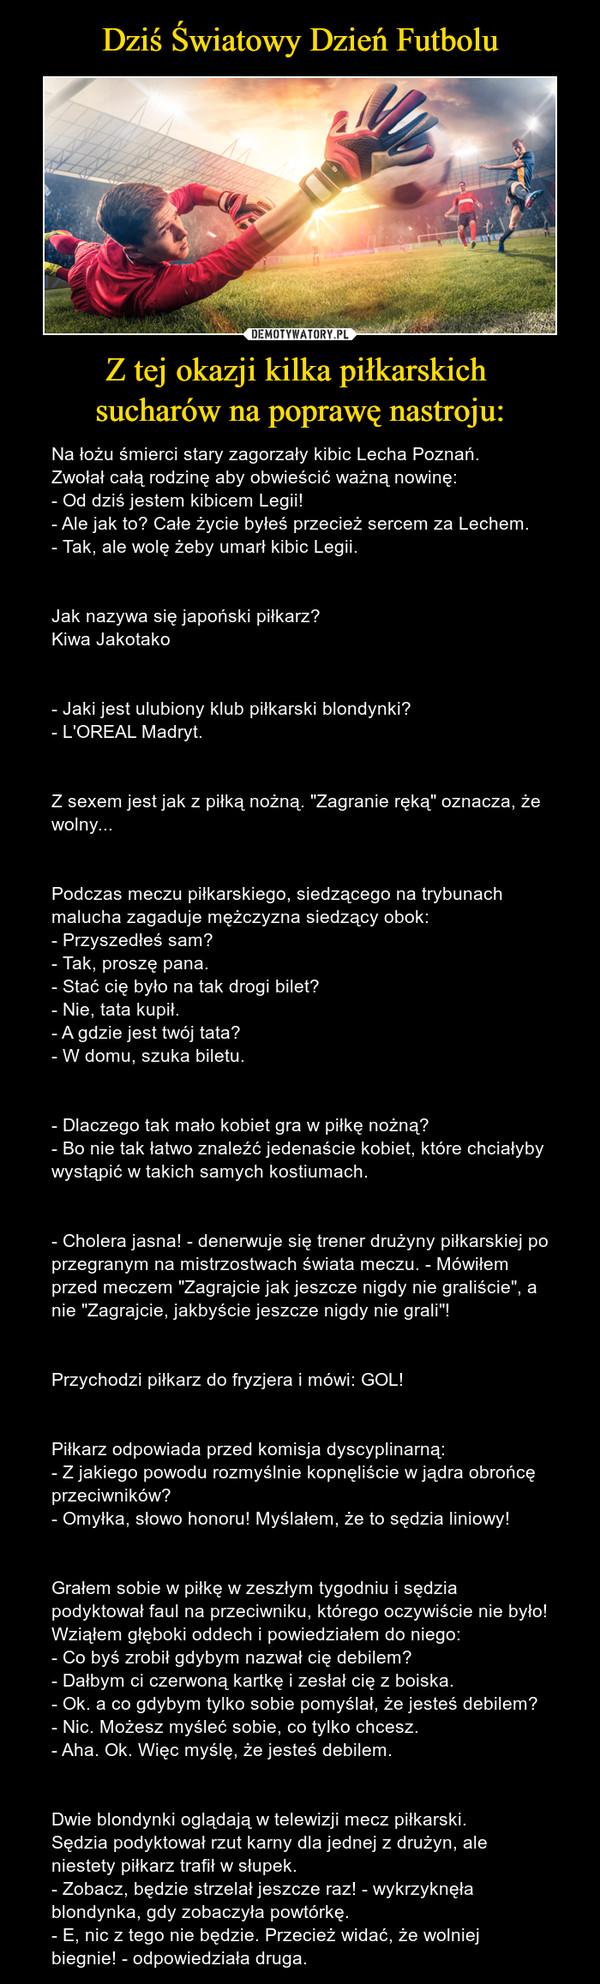 """Z tej okazji kilka piłkarskich sucharów na poprawę nastroju: – Na łożu śmierci stary zagorzały kibic Lecha Poznań.Zwołał całą rodzinę aby obwieścić ważną nowinę:- Od dziś jestem kibicem Legii!- Ale jak to? Całe życie byłeś przecież sercem za Lechem.- Tak, ale wolę żeby umarł kibic Legii.Jak nazywa się japoński piłkarz?Kiwa Jakotako- Jaki jest ulubiony klub piłkarski blondynki?- L'OREAL Madryt.Z sexem jest jak z piłką nożną. """"Zagranie ręką"""" oznacza, że wolny...Podczas meczu piłkarskiego, siedzącego na trybunach malucha zagaduje mężczyzna siedzący obok:- Przyszedłeś sam?- Tak, proszę pana.- Stać cię było na tak drogi bilet?- Nie, tata kupił.- A gdzie jest twój tata?- W domu, szuka biletu.- Dlaczego tak mało kobiet gra w piłkę nożną?- Bo nie tak łatwo znaleźć jedenaście kobiet, które chciałyby wystąpić w takich samych kostiumach.- Cholera jasna! - denerwuje się trener drużyny piłkarskiej po przegranym na mistrzostwach świata meczu. - Mówiłem przed meczem """"Zagrajcie jak jeszcze nigdy nie graliście"""", a nie """"Zagrajcie, jakbyście jeszcze nigdy nie grali""""!Przychodzi piłkarz do fryzjera i mówi: GOL!Piłkarz odpowiada przed komisja dyscyplinarną:- Z jakiego powodu rozmyślnie kopnęliście w jądra obrońcę przeciwników?- Omyłka, słowo honoru! Myślałem, że to sędzia liniowy!Grałem sobie w piłkę w zeszłym tygodniu i sędzia podyktował faul na przeciwniku, którego oczywiście nie było!Wziąłem głęboki oddech i powiedziałem do niego:- Co byś zrobił gdybym nazwał cię debilem?- Dałbym ci czerwoną kartkę i zesłał cię z boiska.- Ok. a co gdybym tylko sobie pomyślał, że jesteś debilem?- Nic. Możesz myśleć sobie, co tylko chcesz.- Aha. Ok. Więc myślę, że jesteś debilem.Dwie blondynki oglądają w telewizji mecz piłkarski.Sędzia podyktował rzut karny dla jednej z drużyn, ale niestety piłkarz trafił w słupek.- Zobacz, będzie strzelał jeszcze raz! - wykrzyknęła blondynka, gdy zobaczyła powtórkę.- E, nic z tego nie będzie. Przecież widać, że wolniej biegnie! - odpowiedziała druga."""